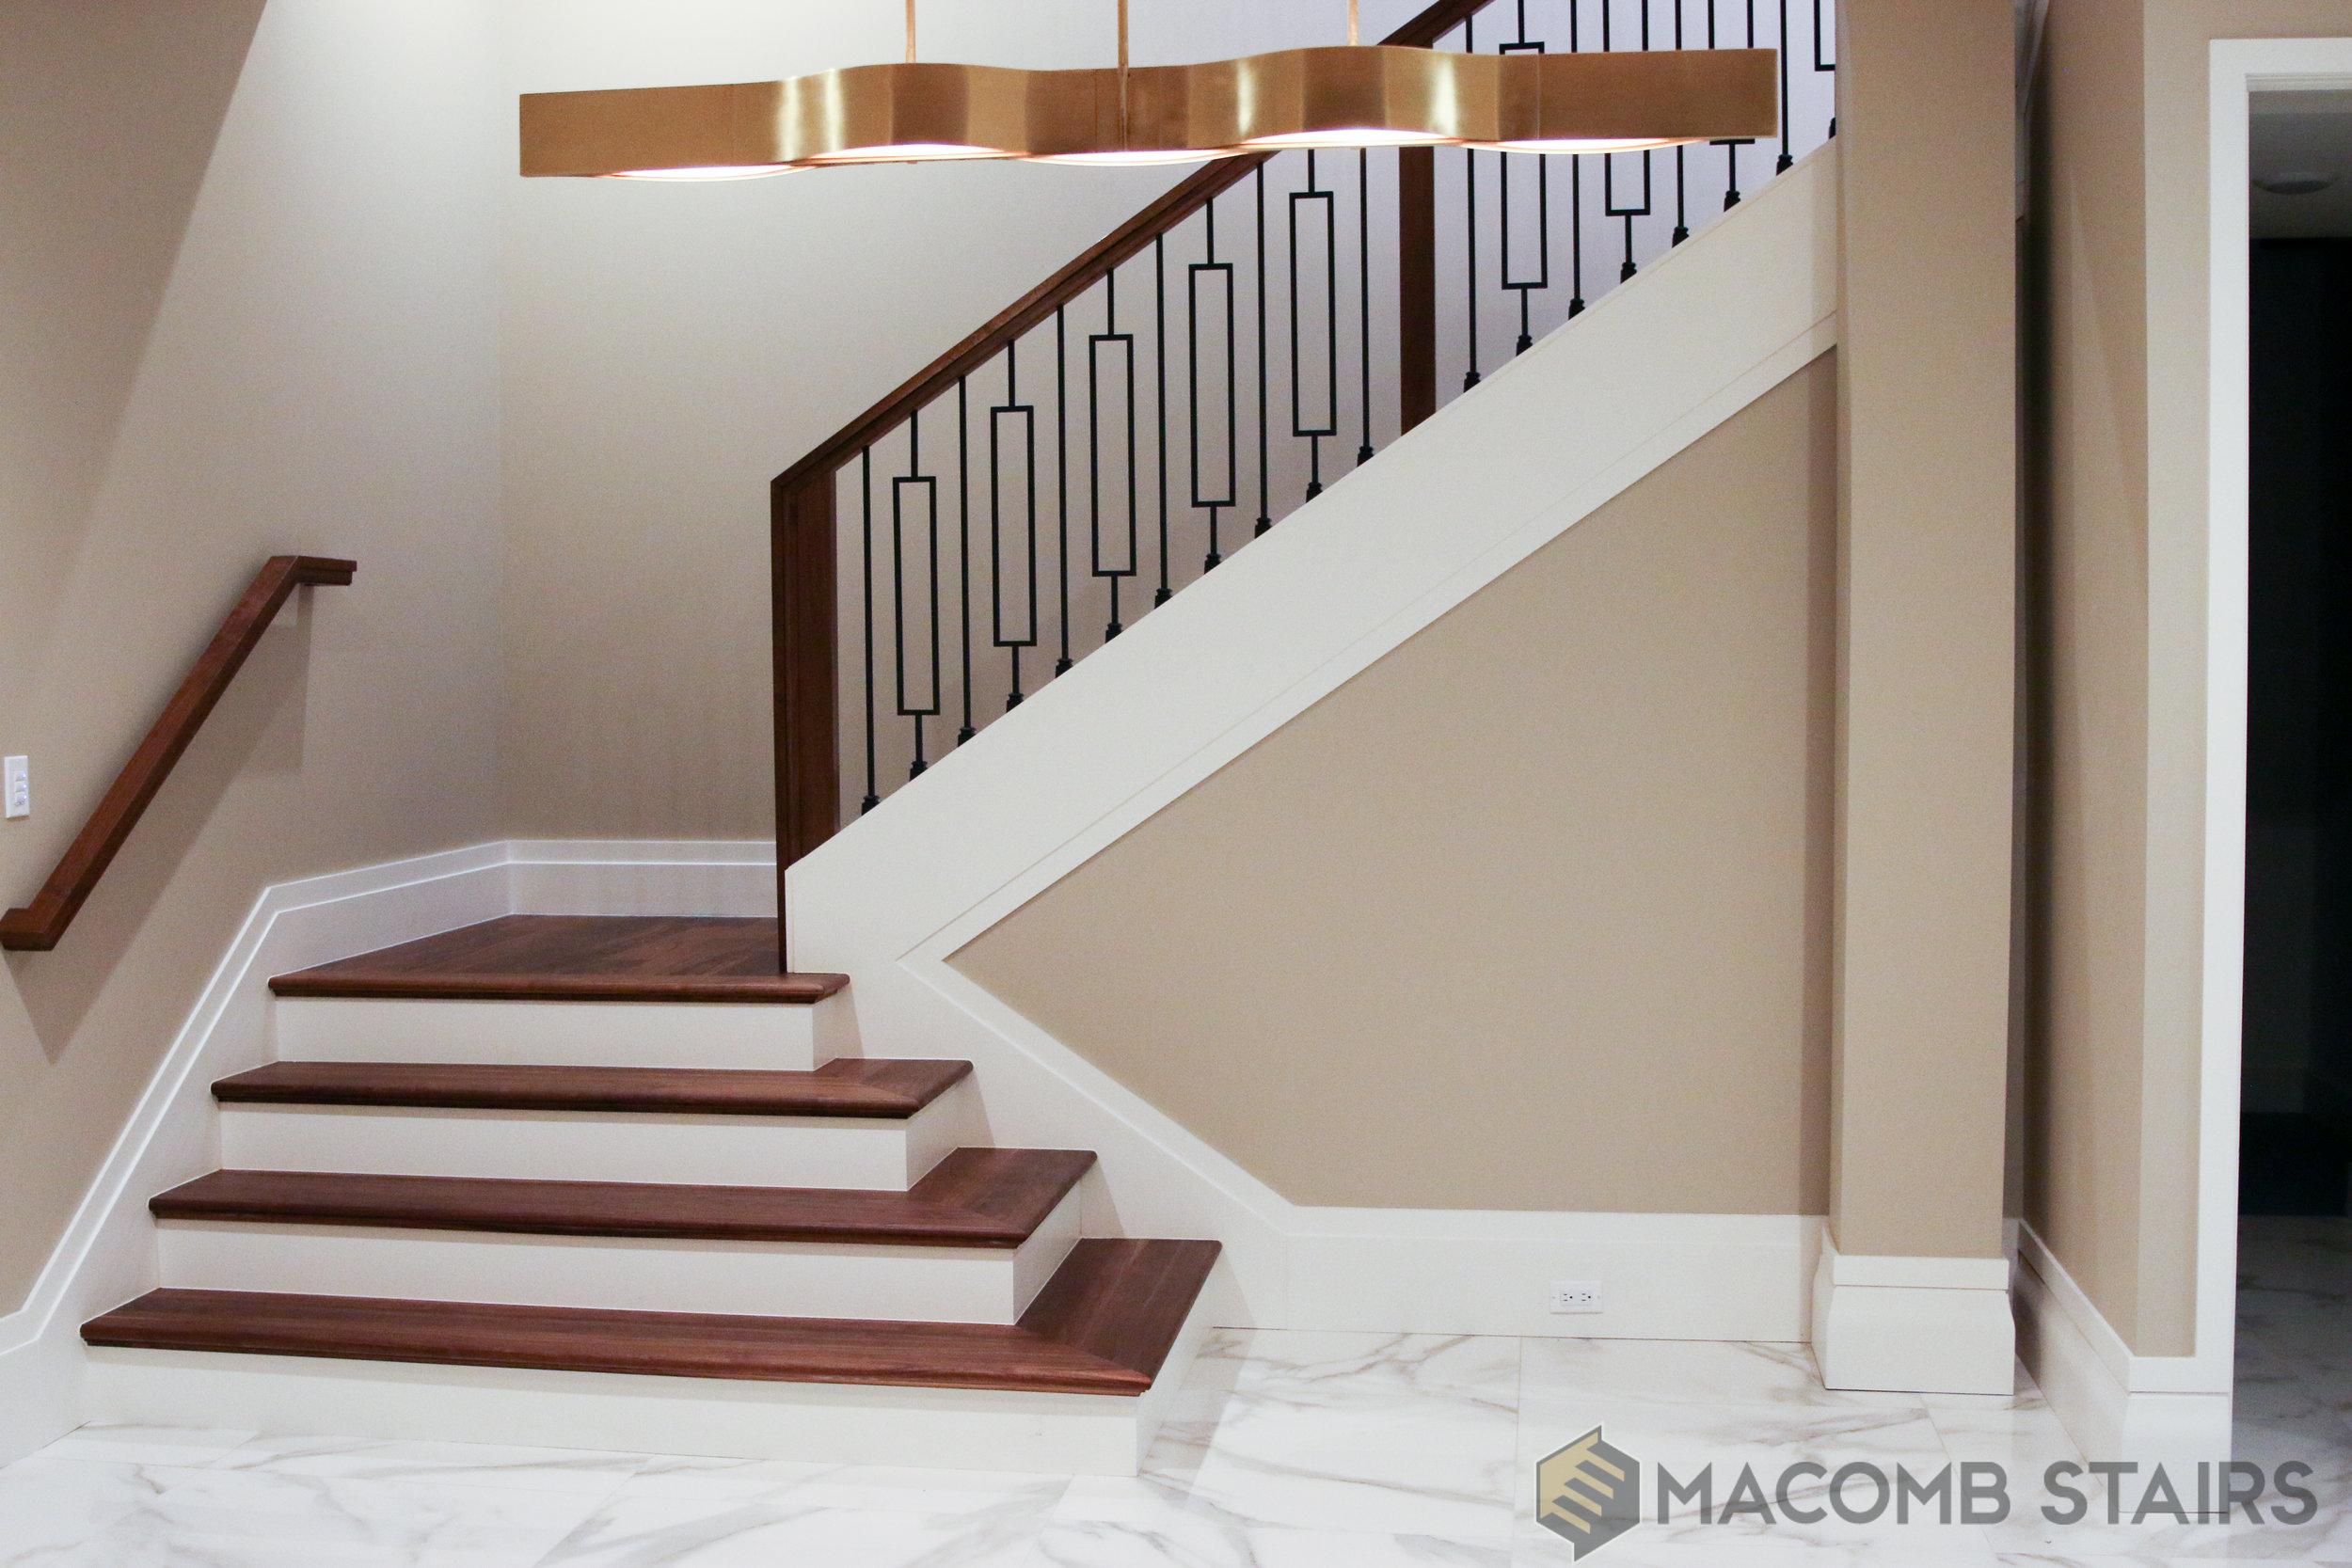 Macimb Stairs- Stair Photo-4.jpg